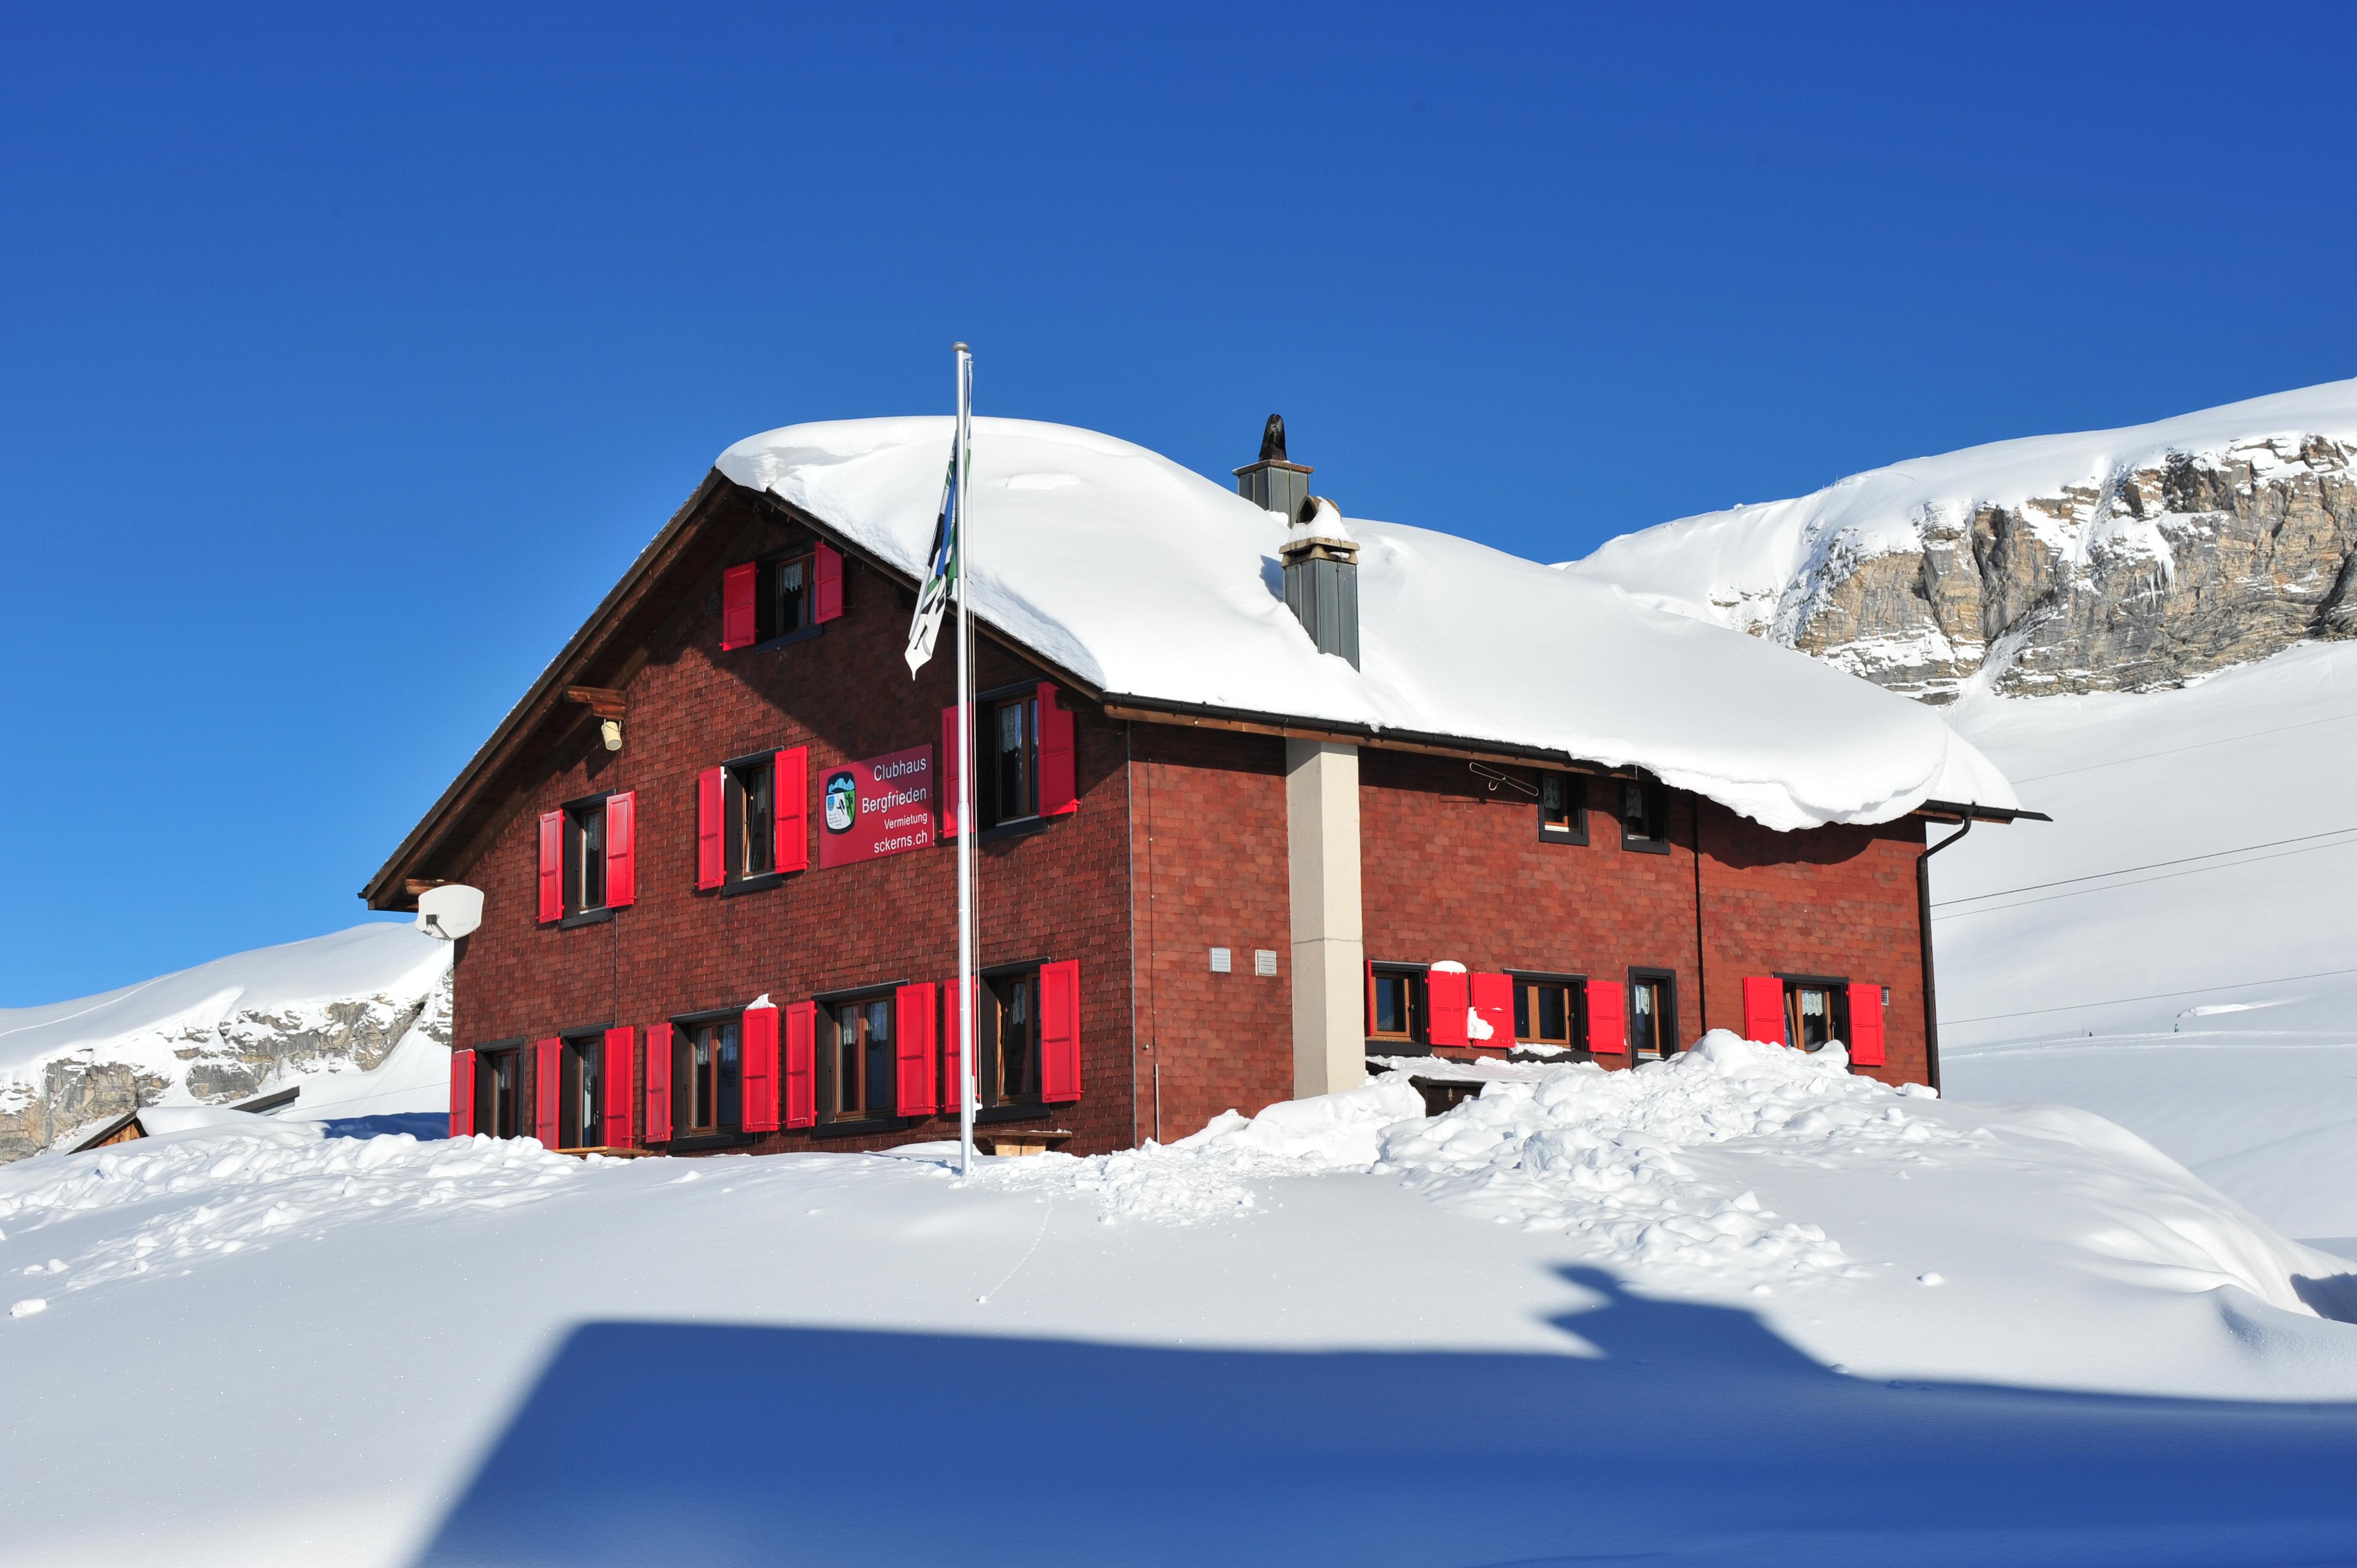 01_Gruppenunterkünfte_Clubhaus Bergfrieden Winter